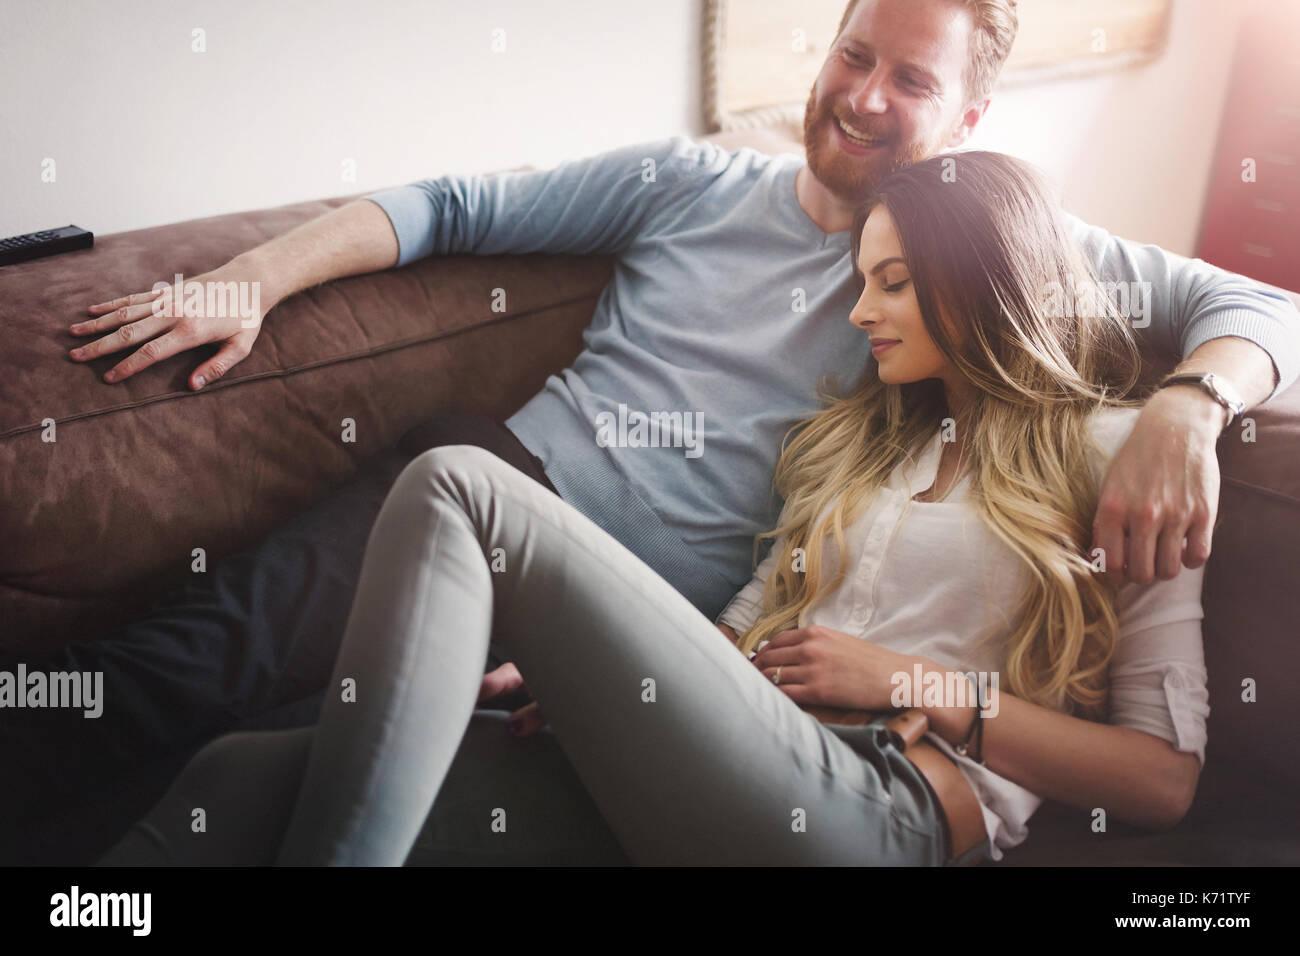 Coppia felice sdraiato sul divano insieme e un momento di relax a casa Immagini Stock